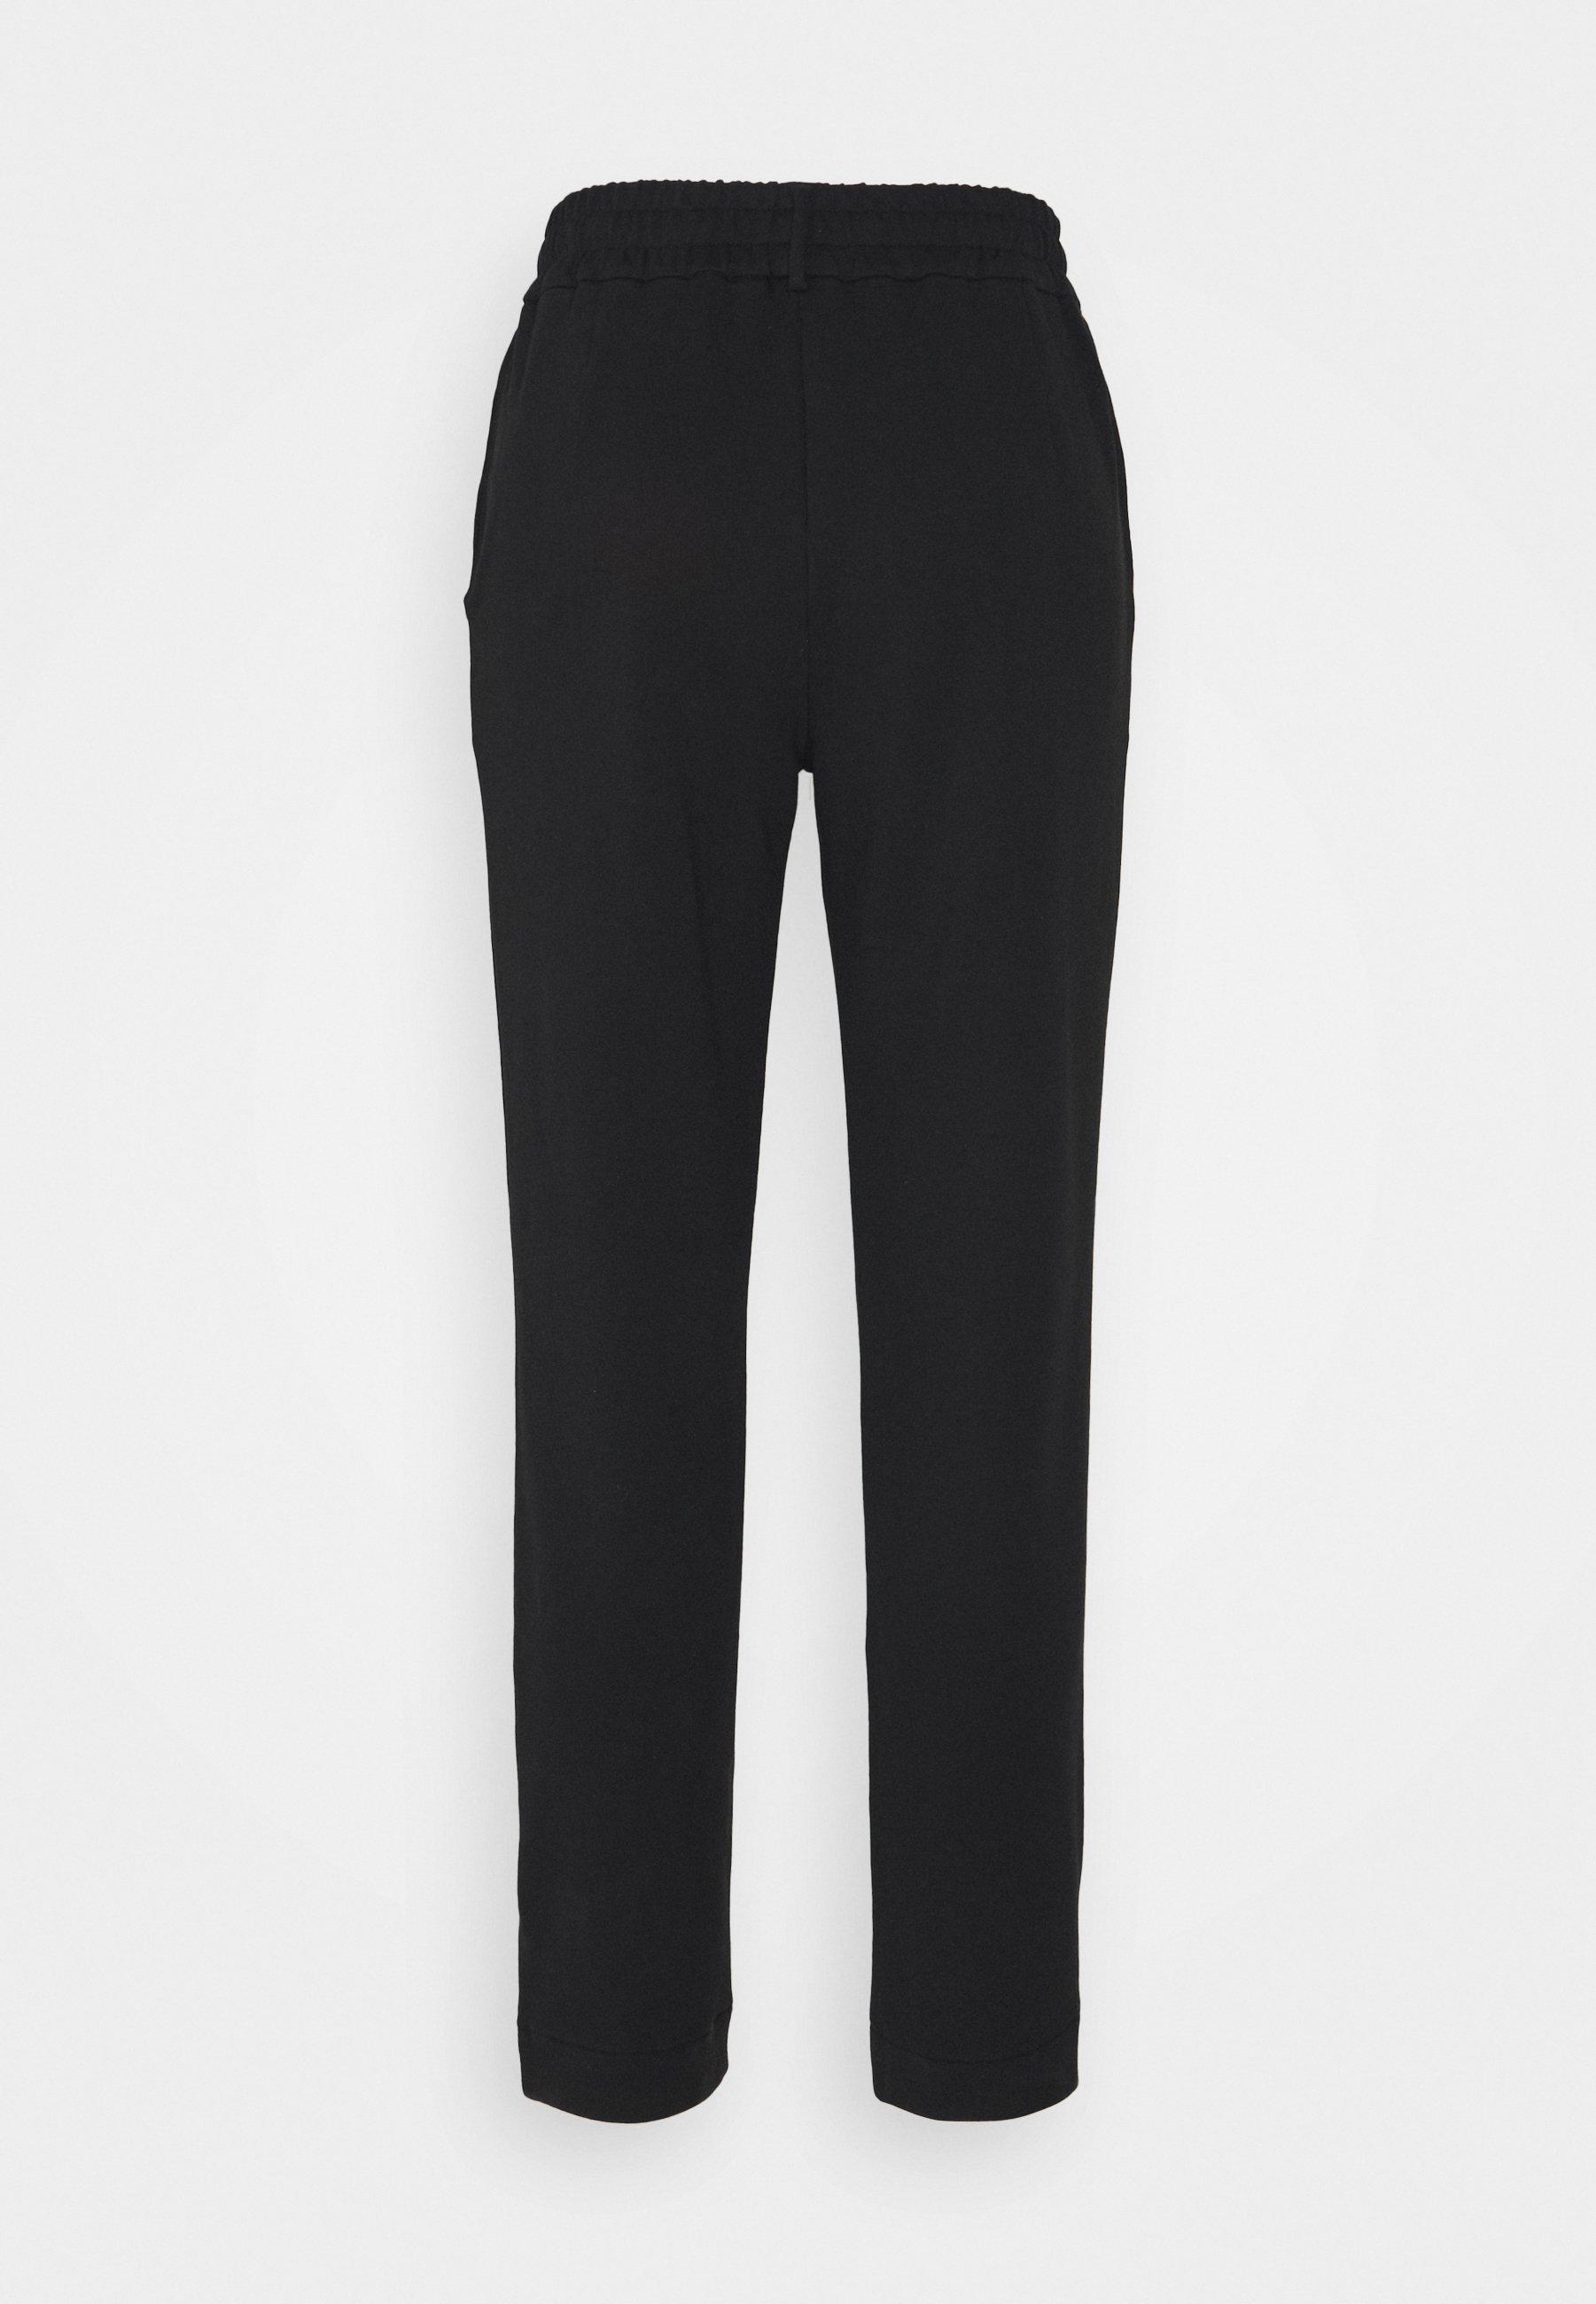 Femme COPRA PANT - Pantalon de survêtement